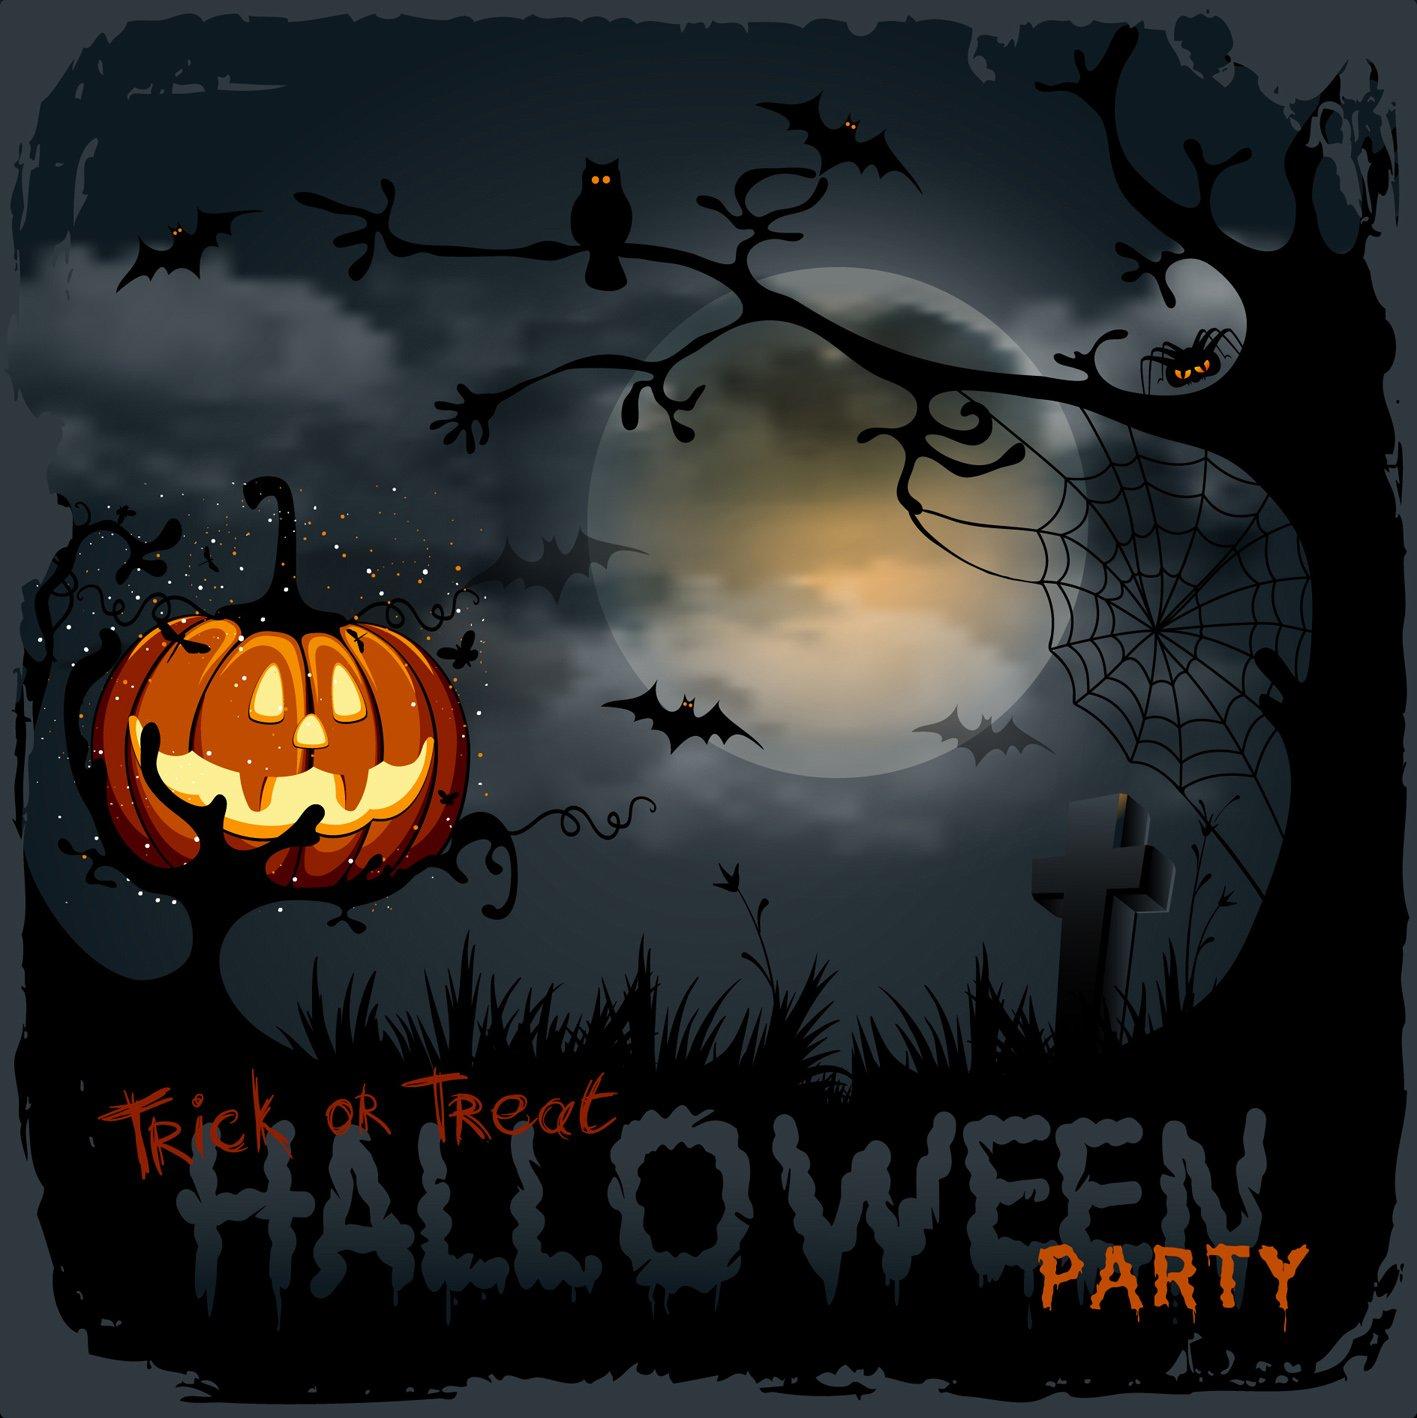 10 x 10 ftハロウィン写真背景Pumpkin Face Bat Moon写真の背景幕Wrinkle Freeシームレスコットン布   B0752CJS3P